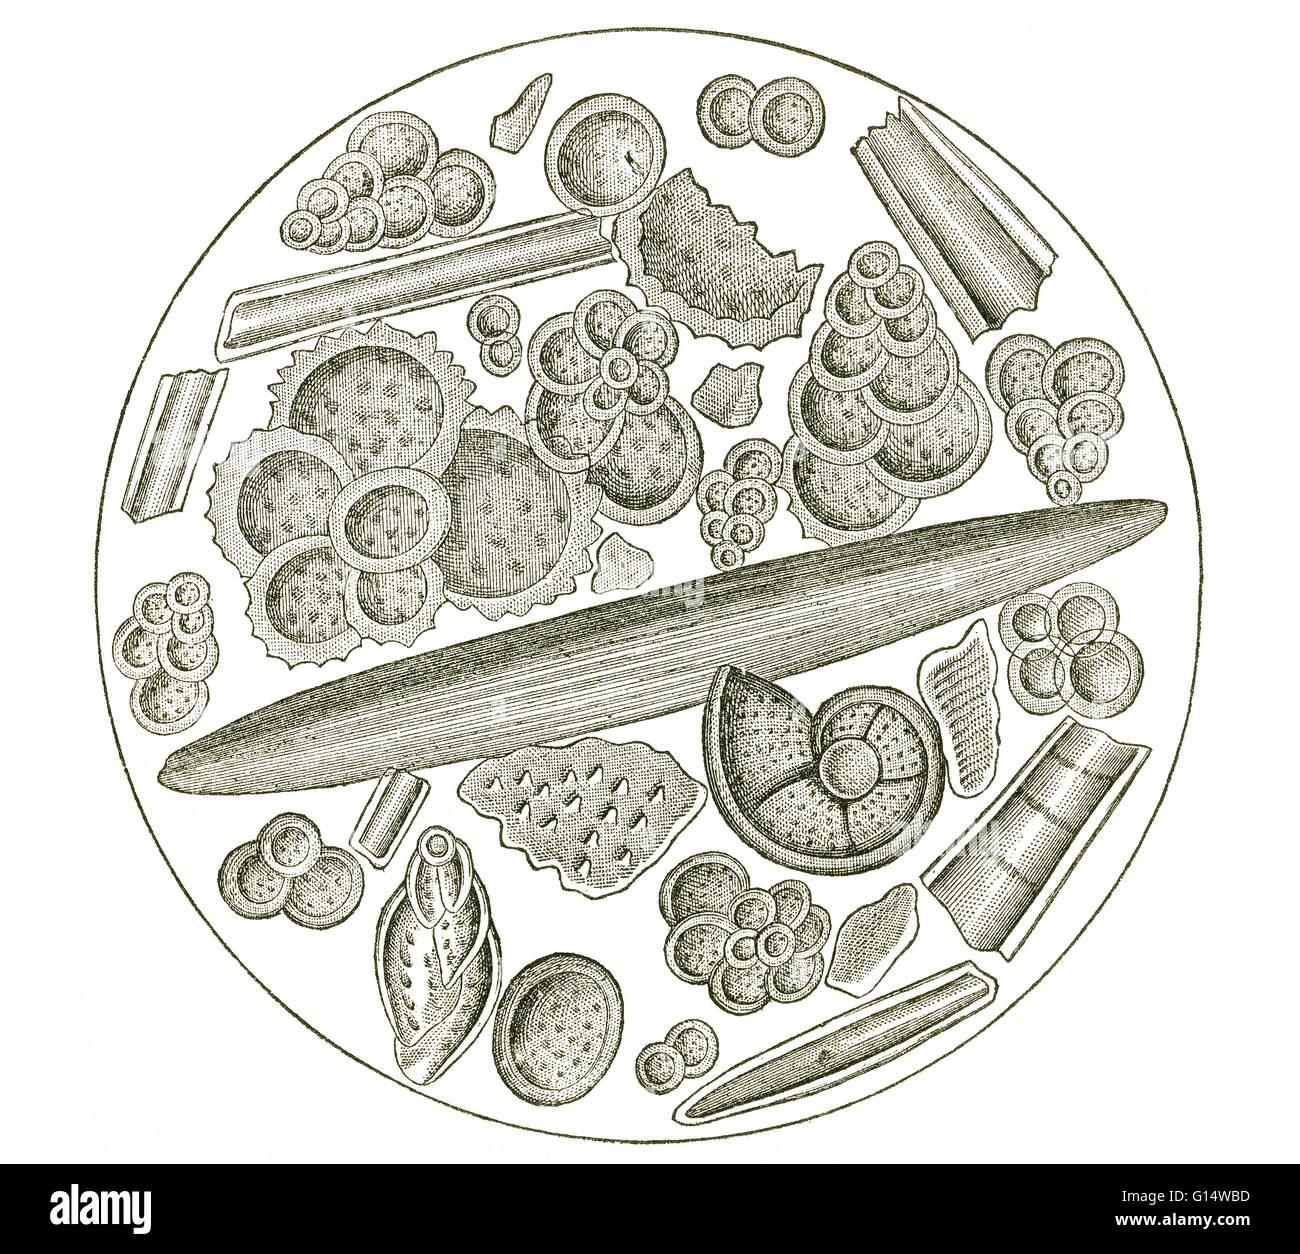 Foraminíferos y otros zoophytes, magnificada, desde la tiza a Gravesend, un depósito del Período Cretácico en Inglaterra. Foto de stock